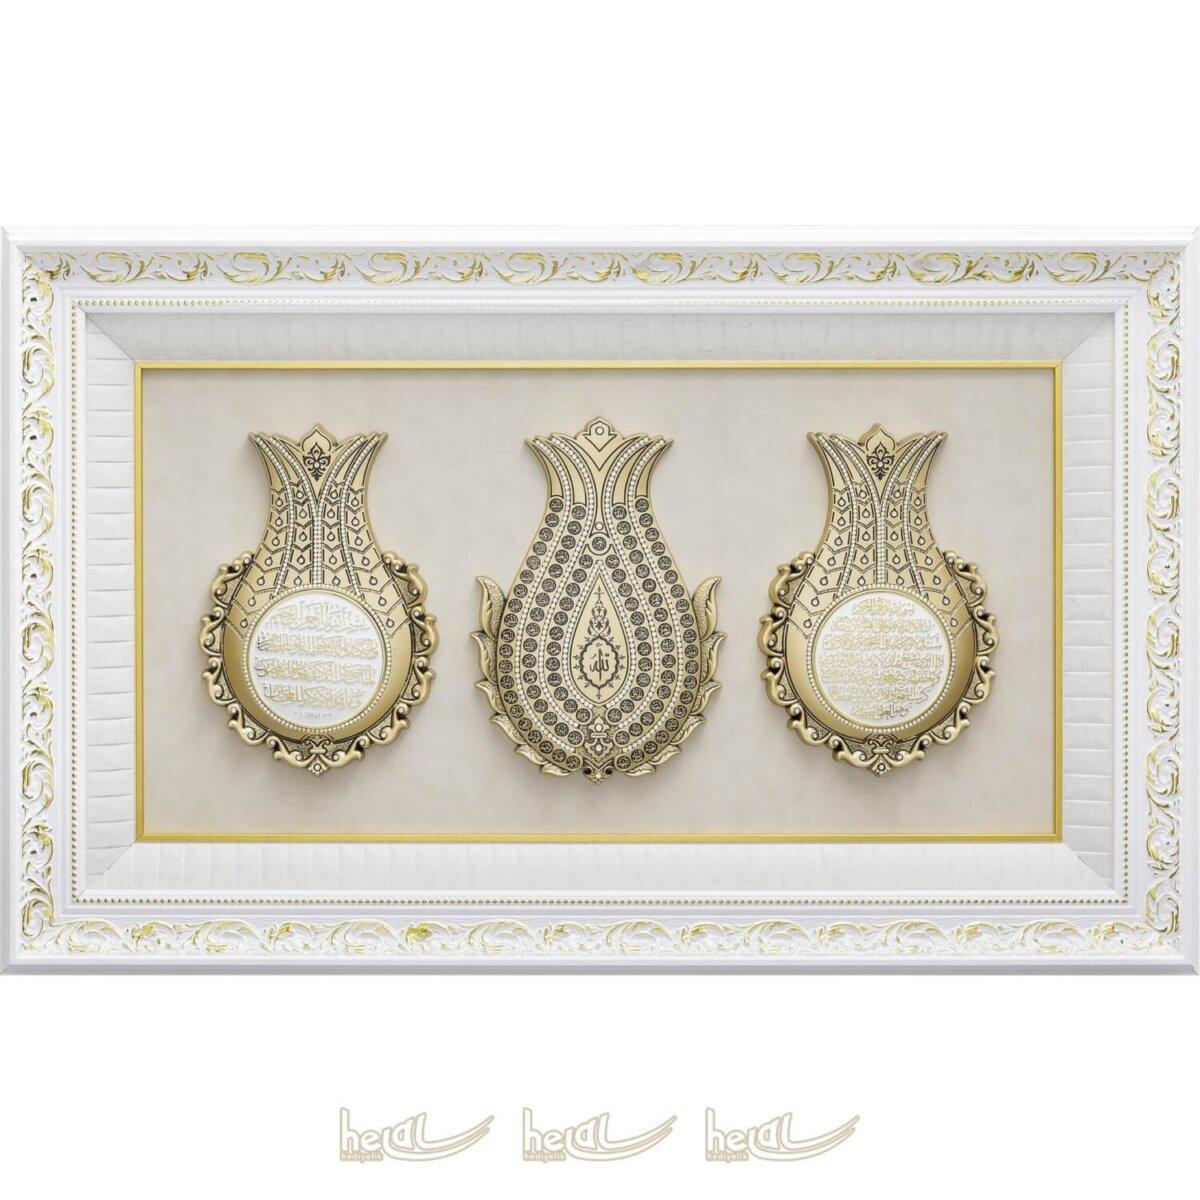 61x97cm Büyük Üçlü Lale Ayetel Kürsi-Esmaül Hüsna-Nazar Duası Lüks Çerçeve Tablo Ayetli Laleler